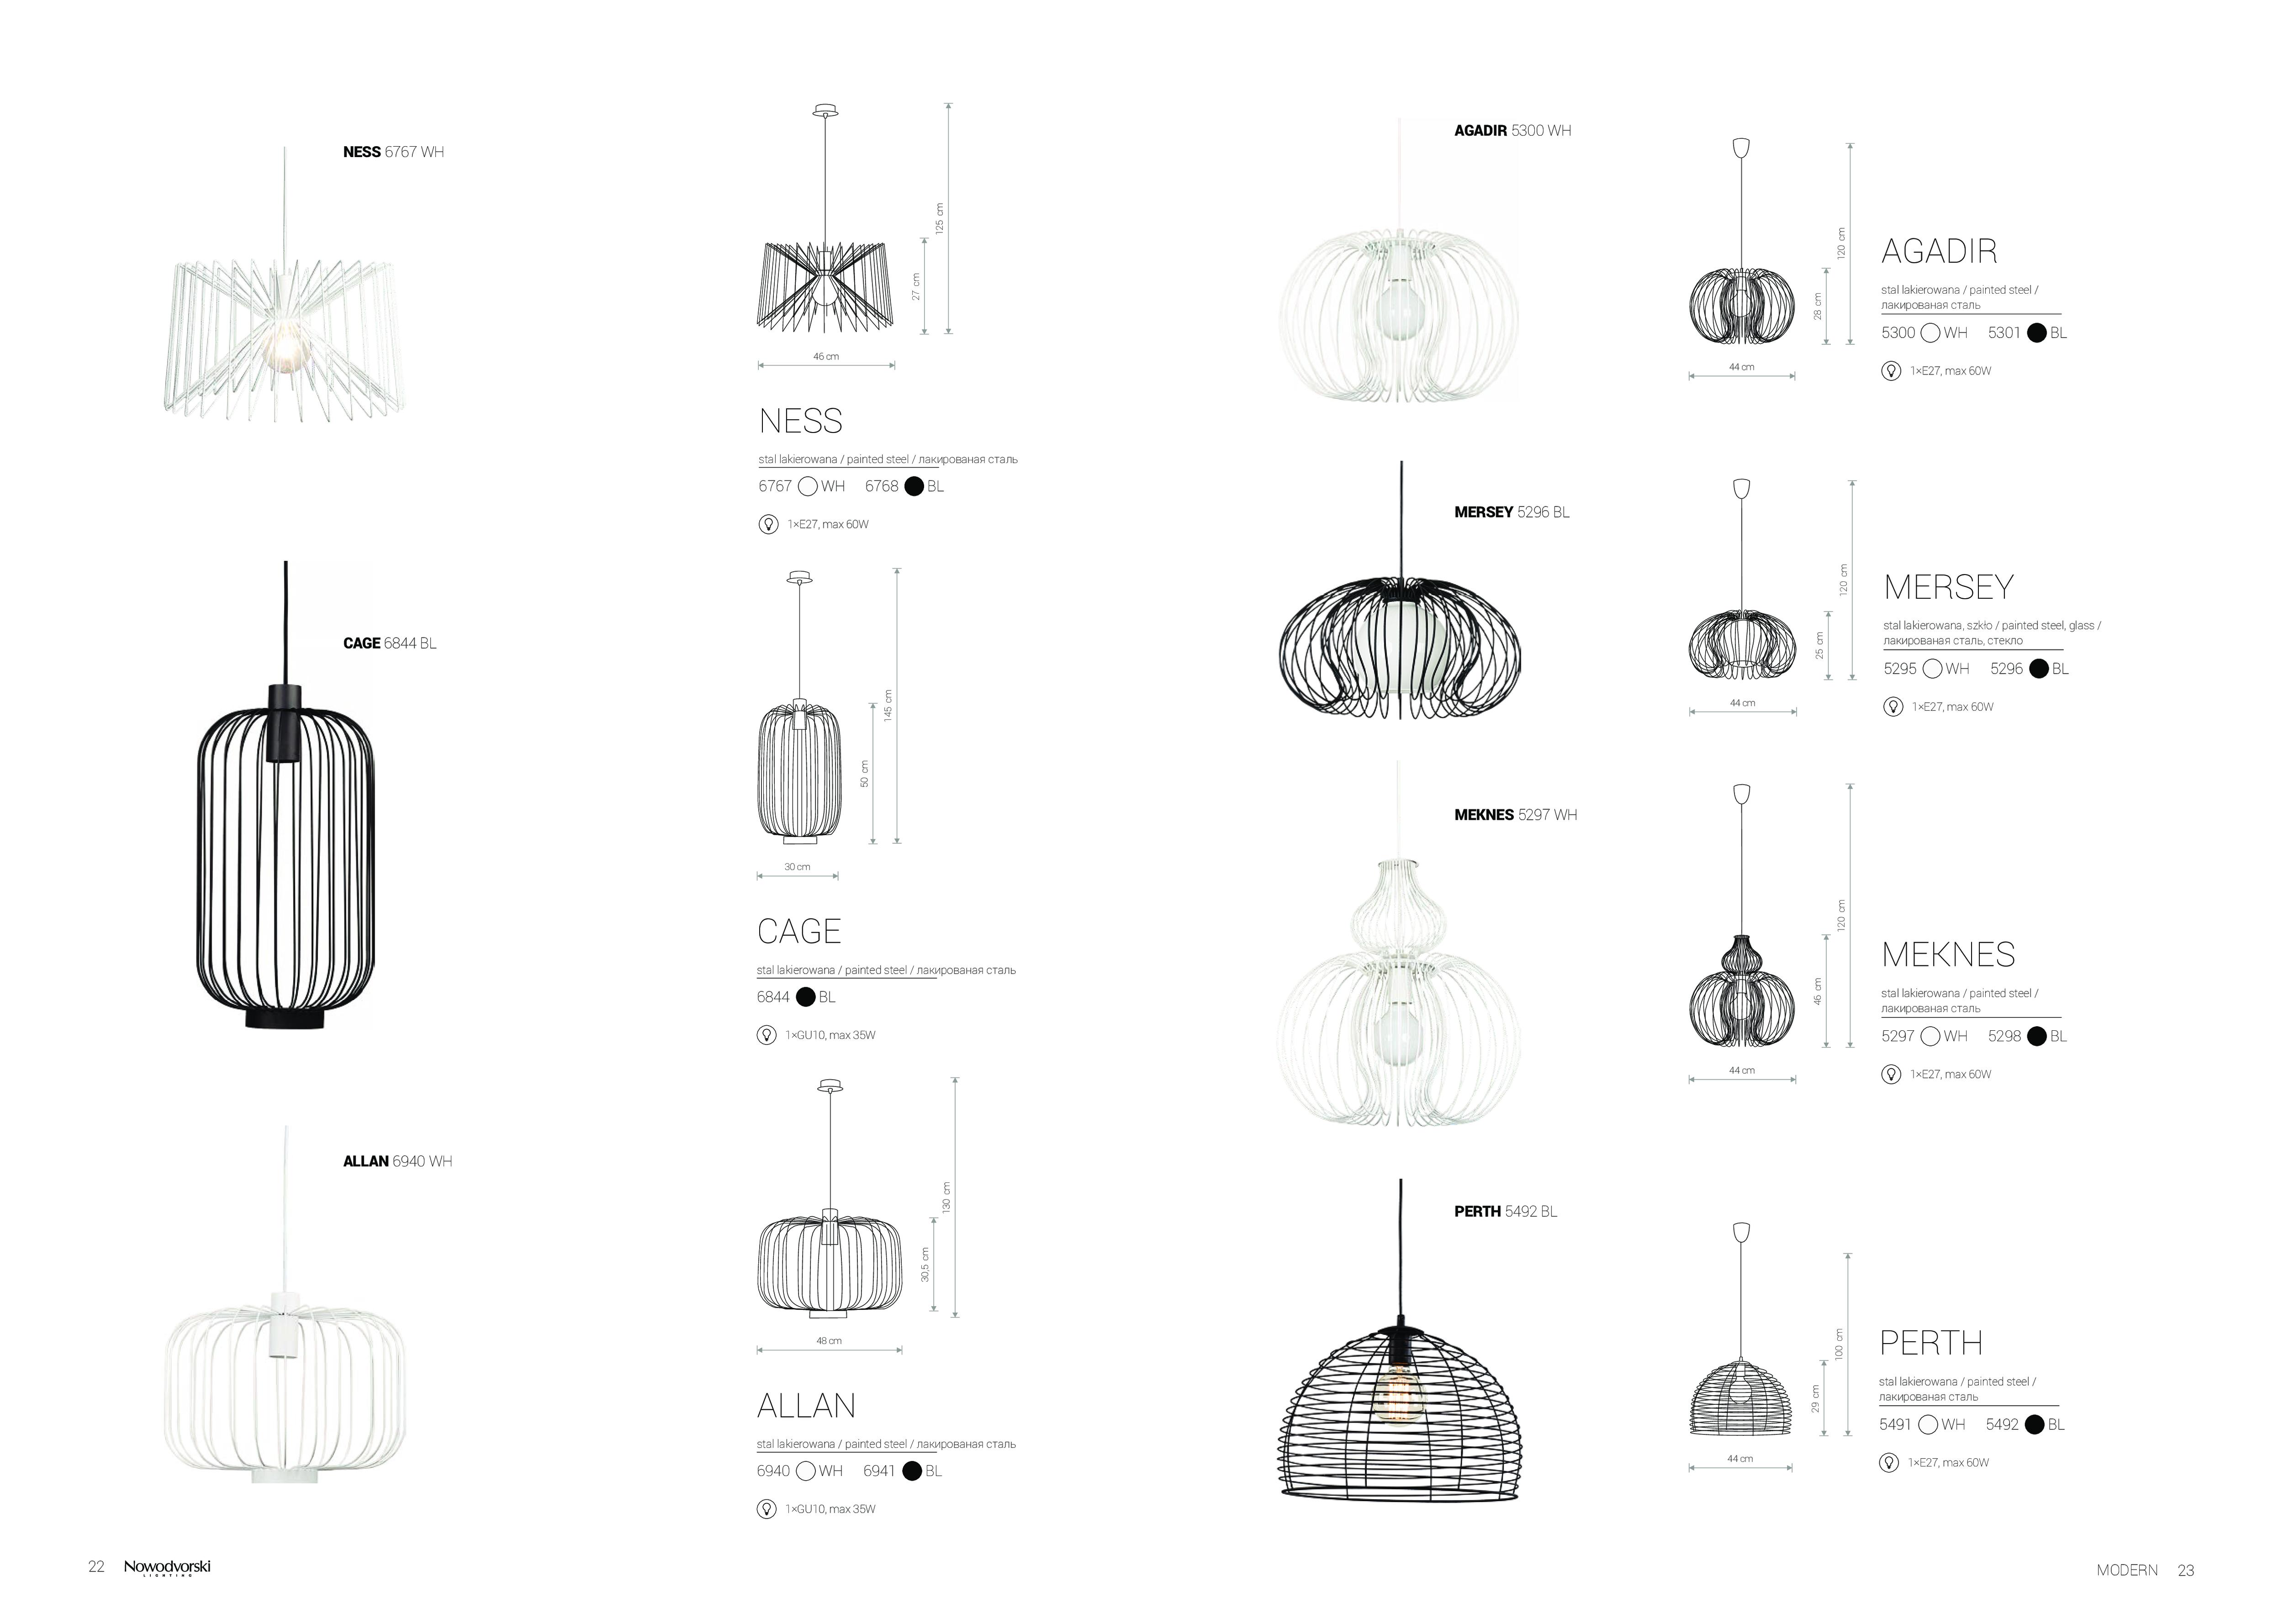 Подвесной светильник Nowodvorski Agadir 5301, 1xE27x60W, черный, металл - фото 2